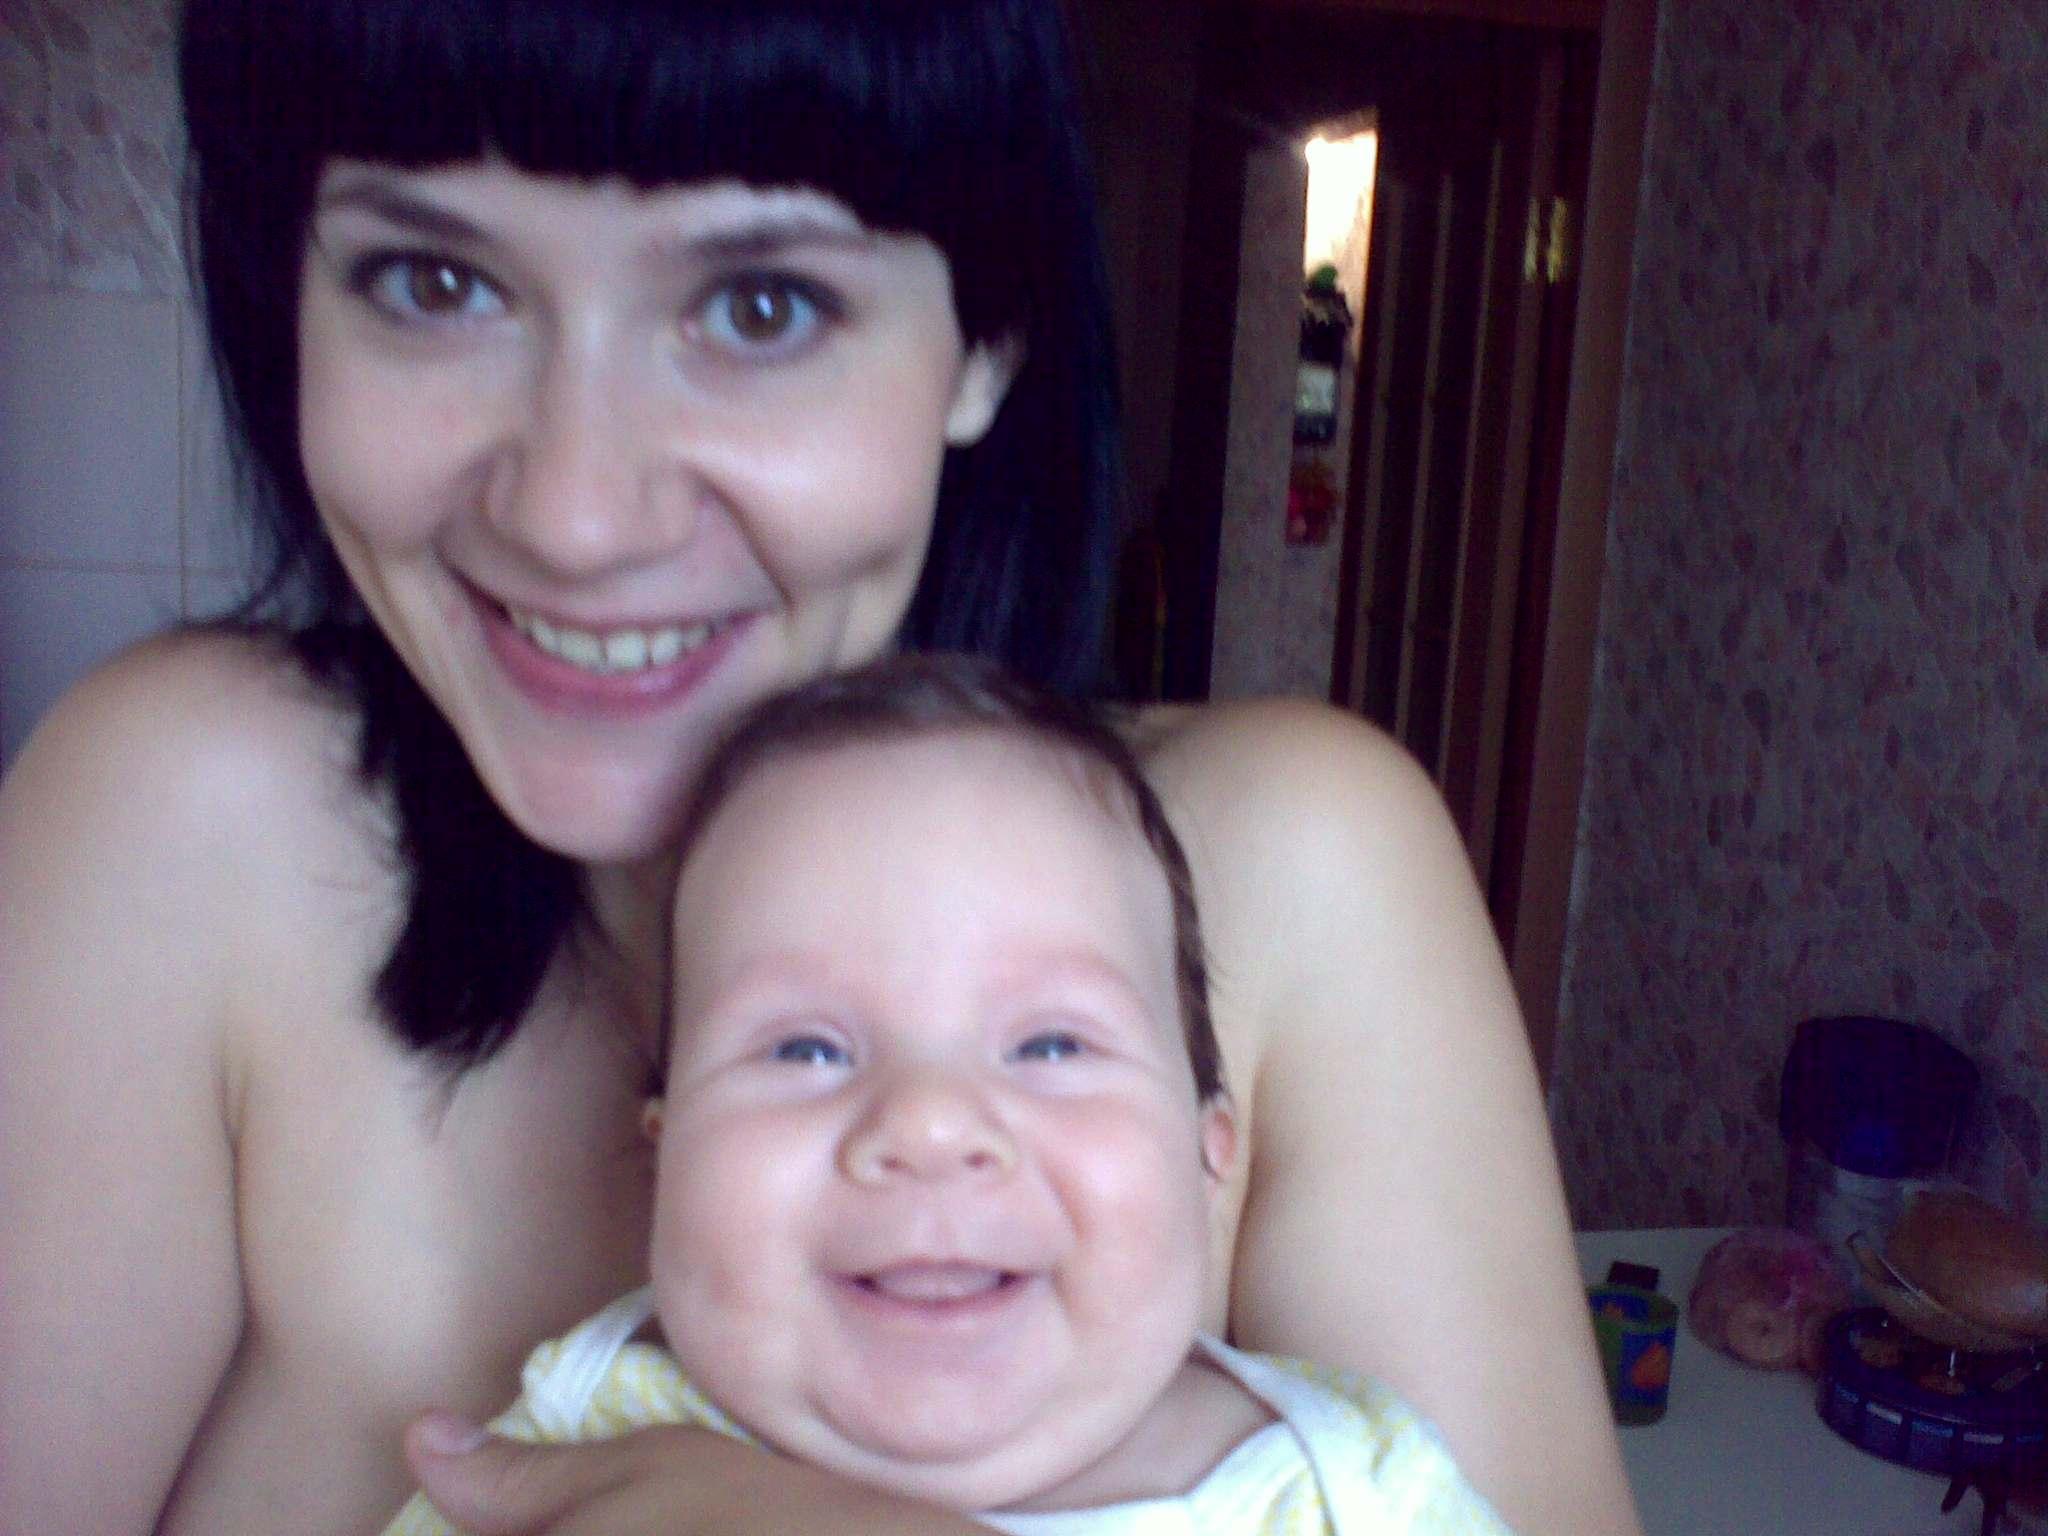 Наши с сыном улыбки. Время улыбаться